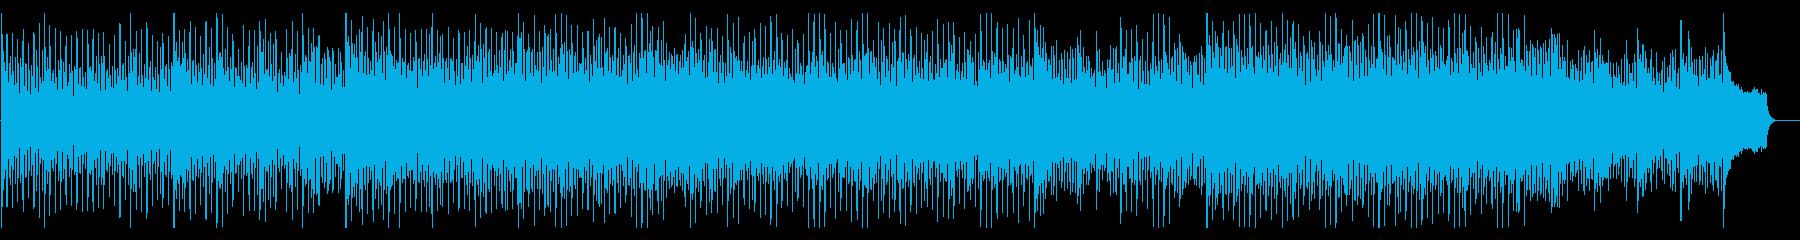 ストリングスが軽快なコーポレート/春の再生済みの波形